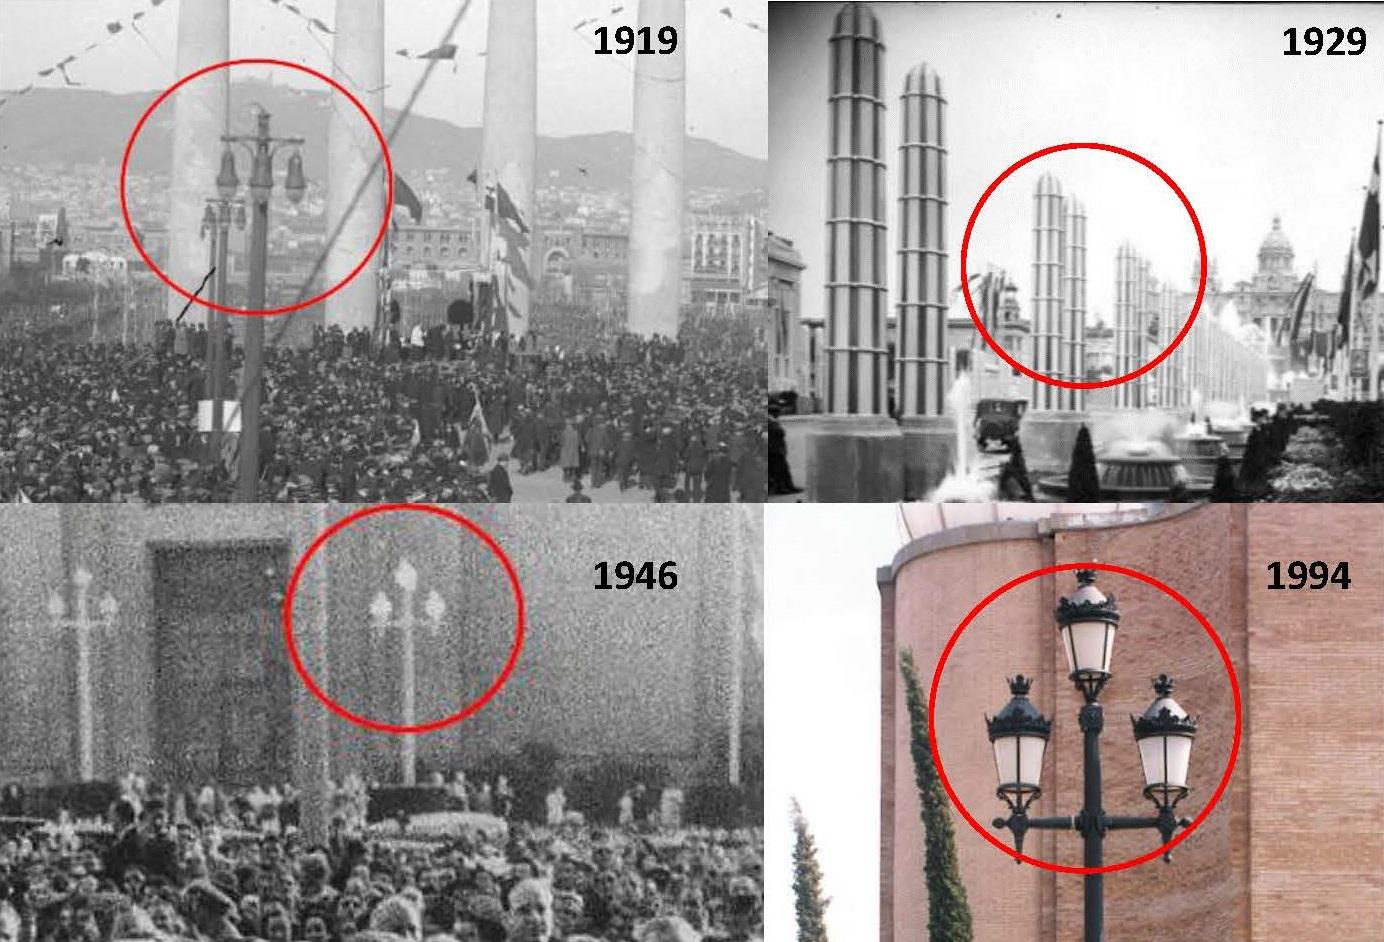 Informe sobre la renovació de les lluminàries de l'avinguda de Maria Cristina, dins el conjunt patrimonial de l'Exposició Internacional de Barcelona de 1929